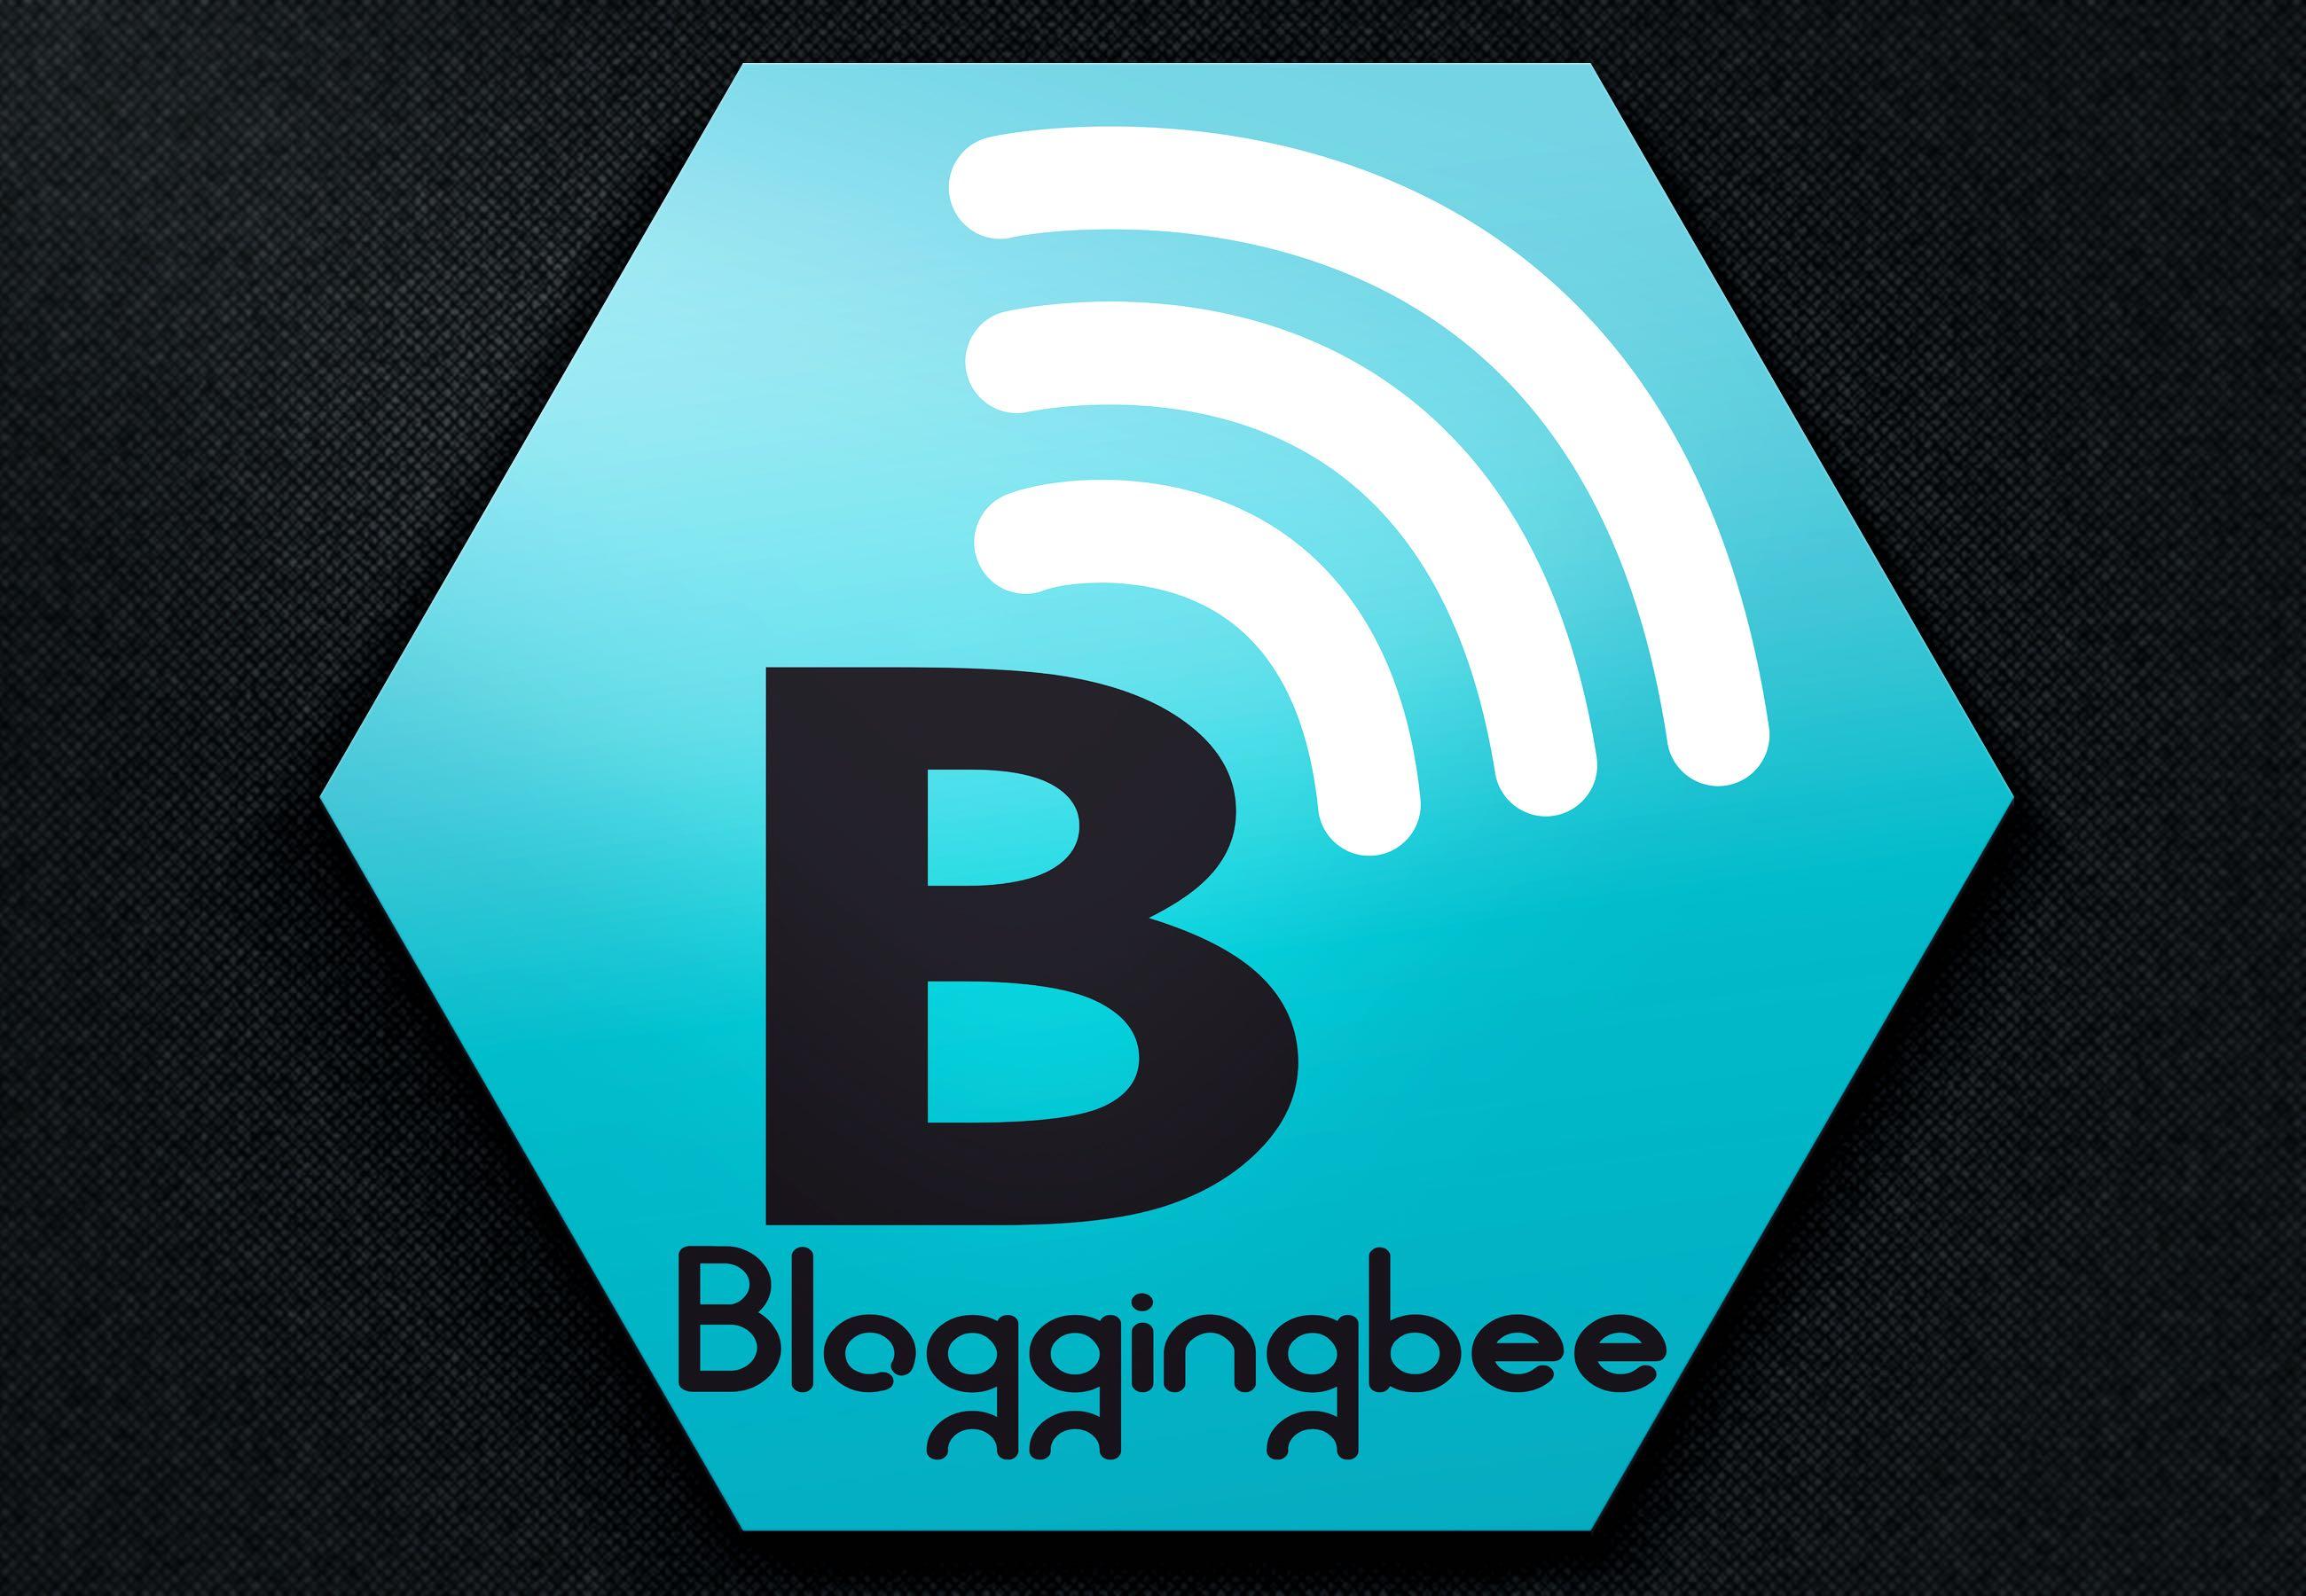 Bloggingbee